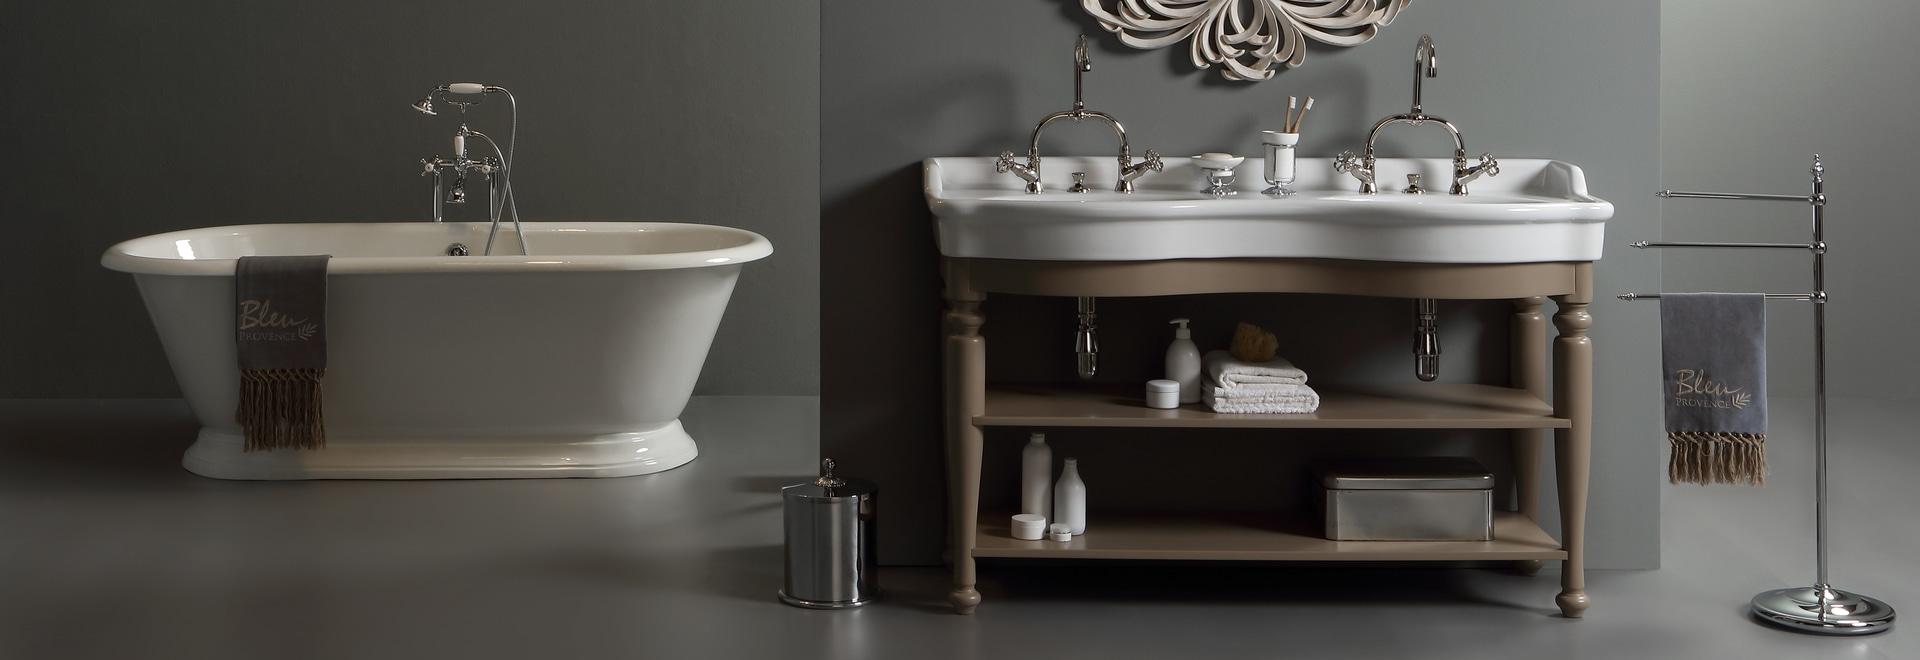 Lavabo double rétro sur meuble en bois